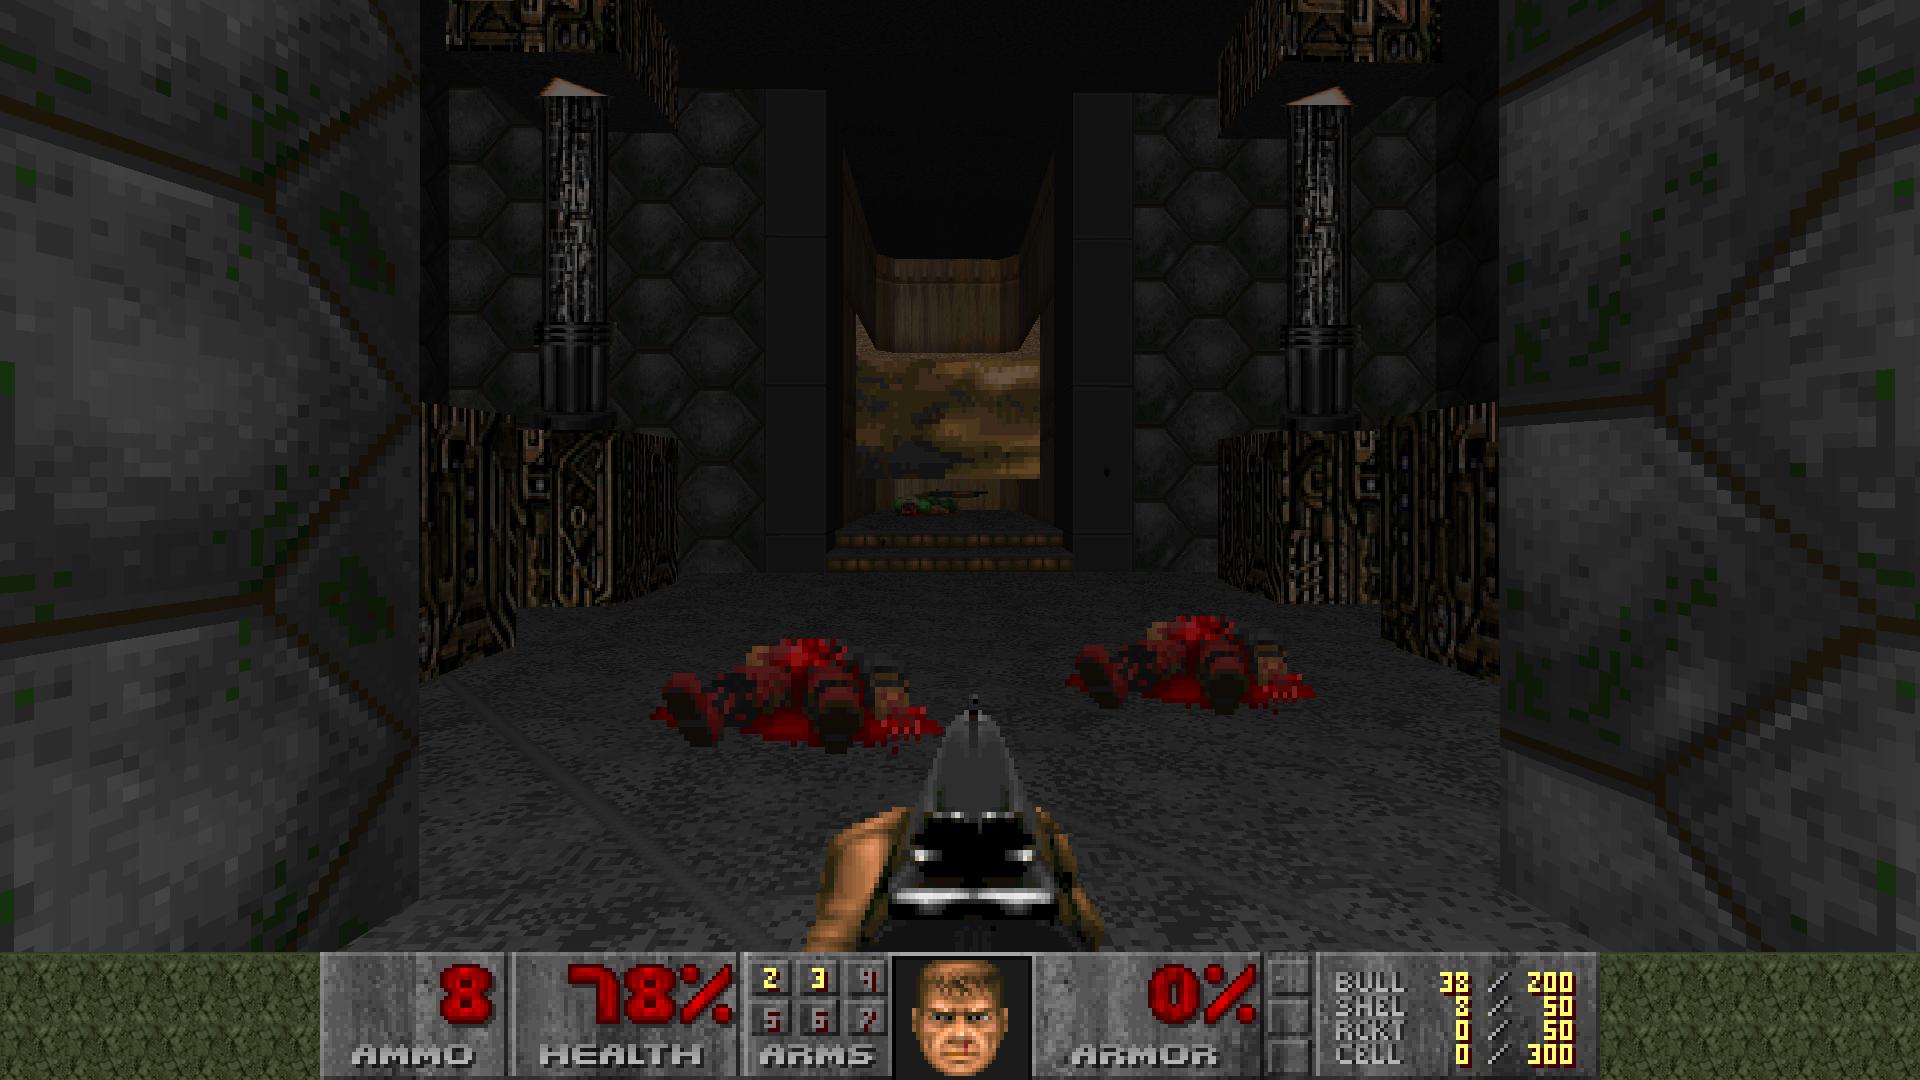 Screenshot_Doom_20200410_103550.png.3d0f6f20a9c88cad737f3c43314fb256.png